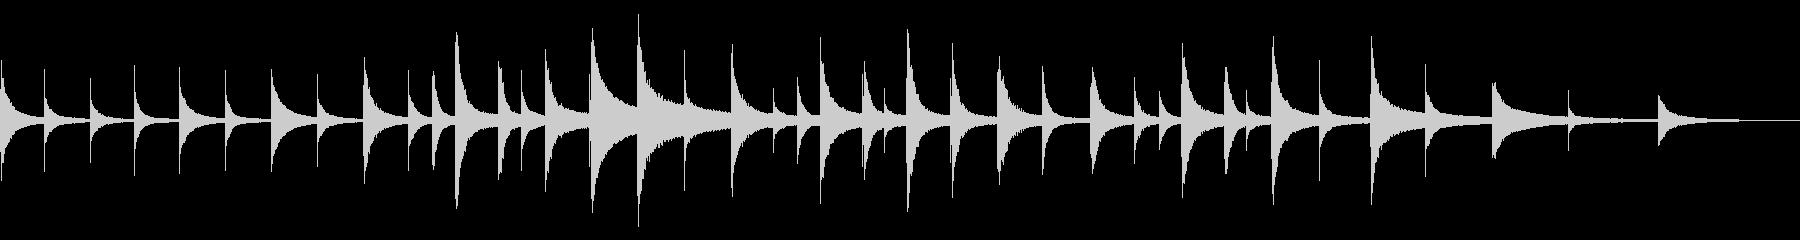 オーケストラベル:ミュージックボッ...の未再生の波形